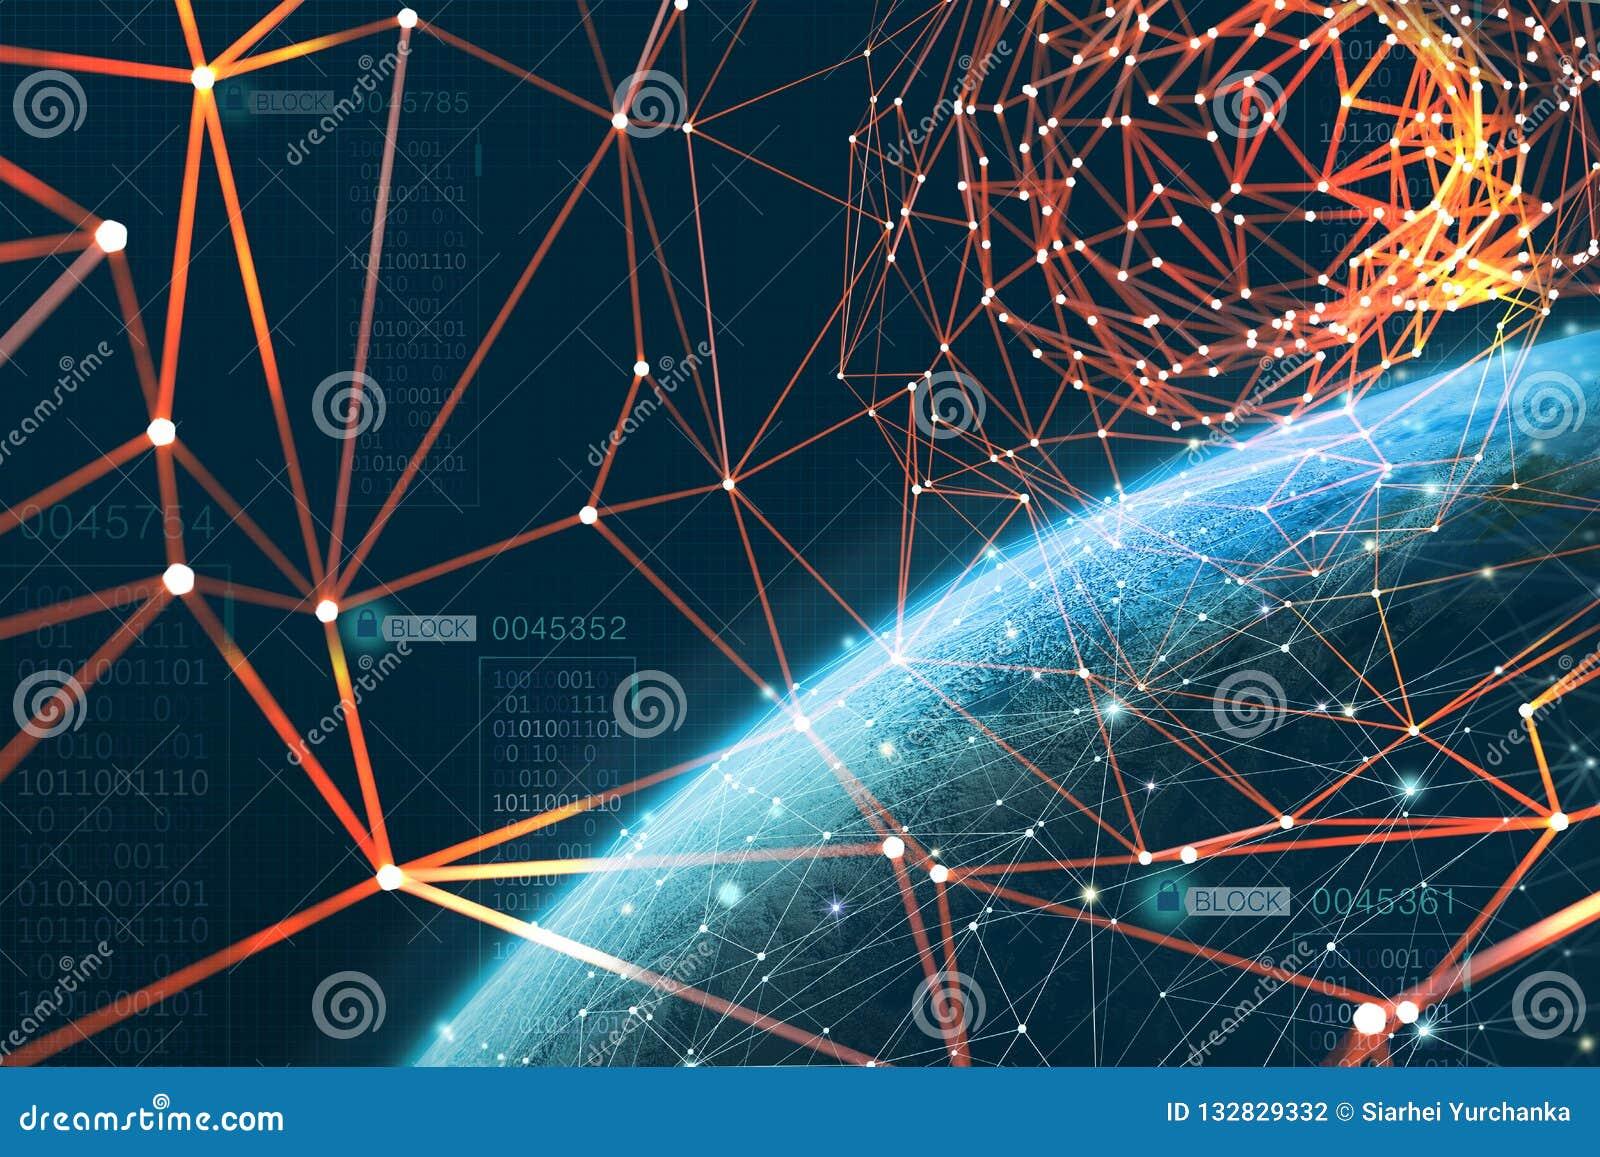 行星通过一个全球性信息网围拢 Blockchain技术保护数据 人工智能时代